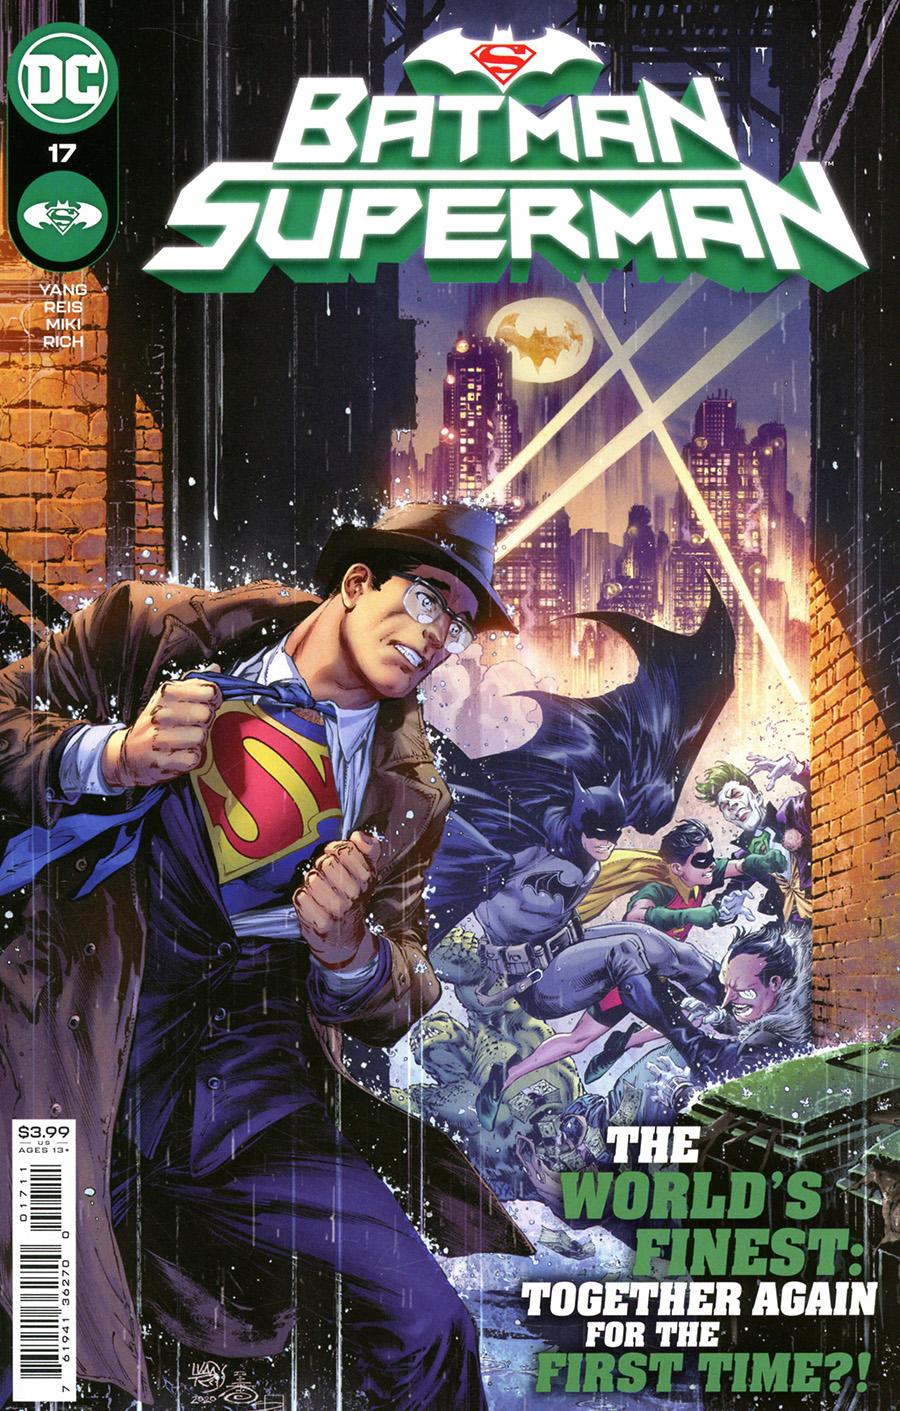 Batman Superman Vol 2 #17 Cover A Regular Ivan Reis & Danny Miki Cover